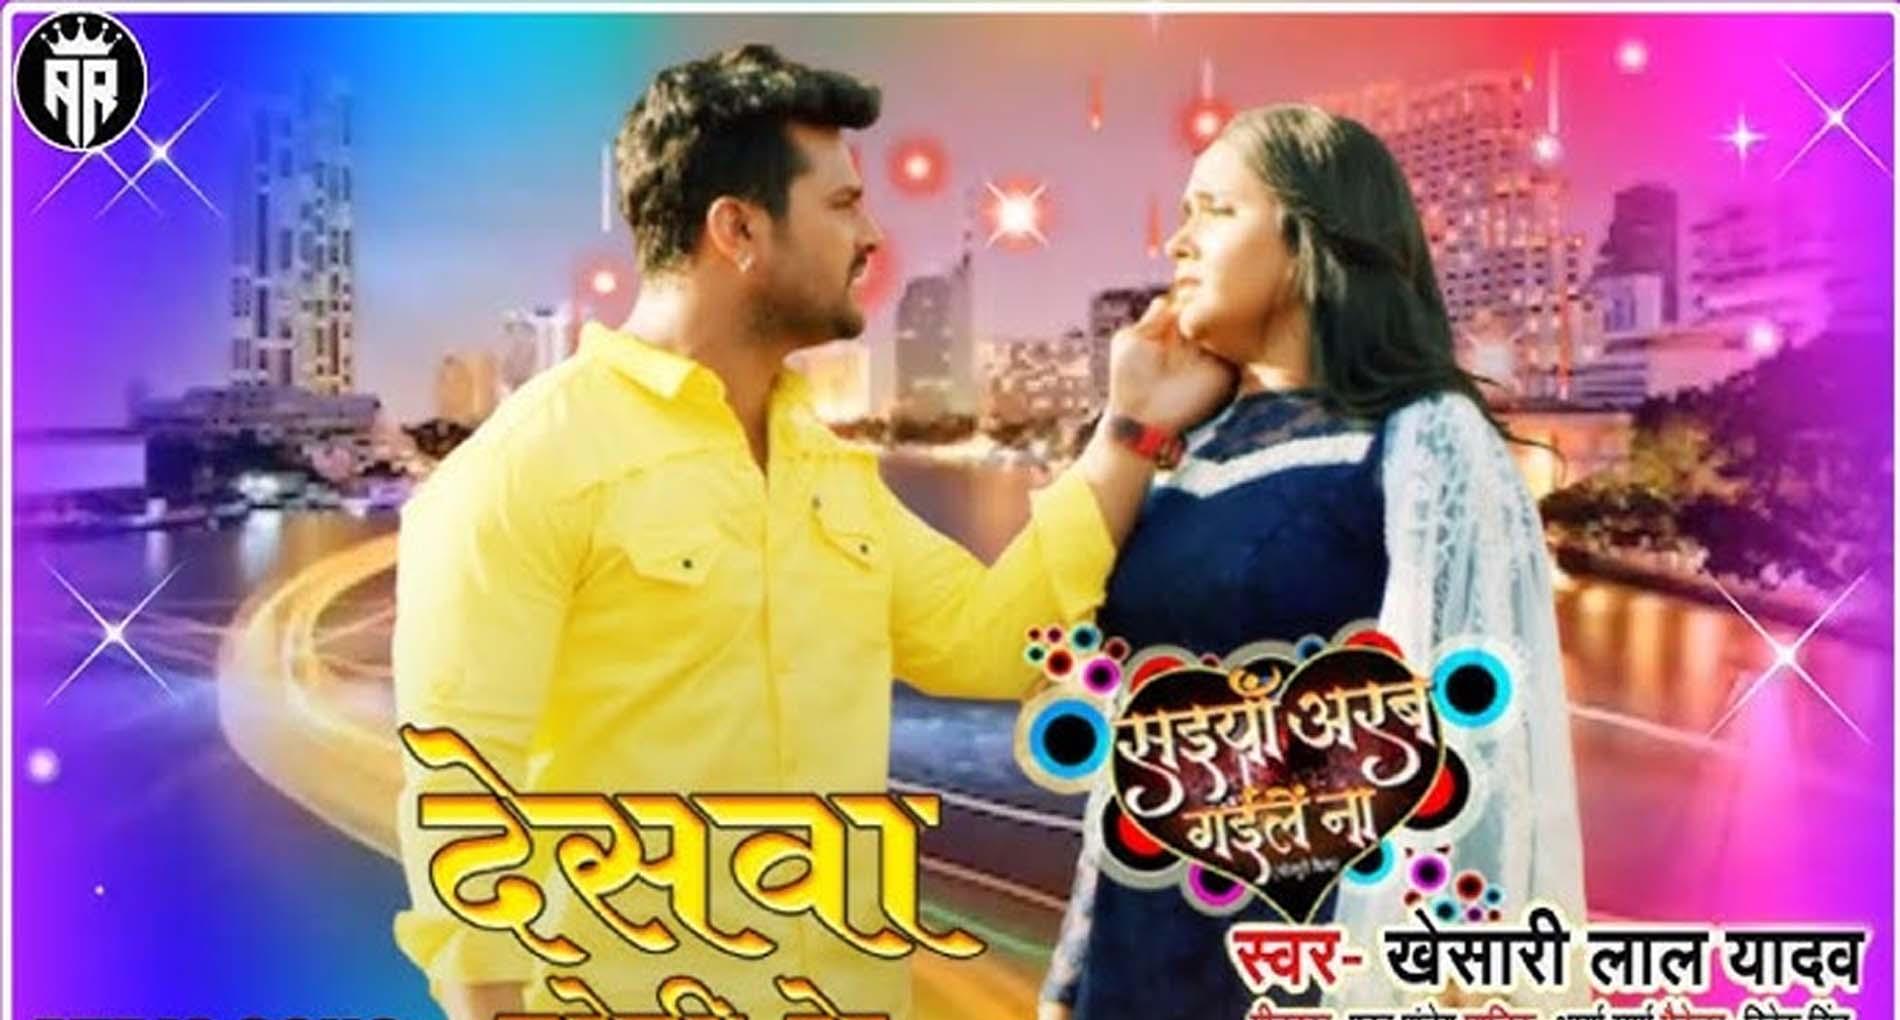 Bhojpuri Songs: खेसारी लाल और काजल राघवानी के इस सैड सॉन्ग के दीवाने हुए फैंस! देखें वीडियो